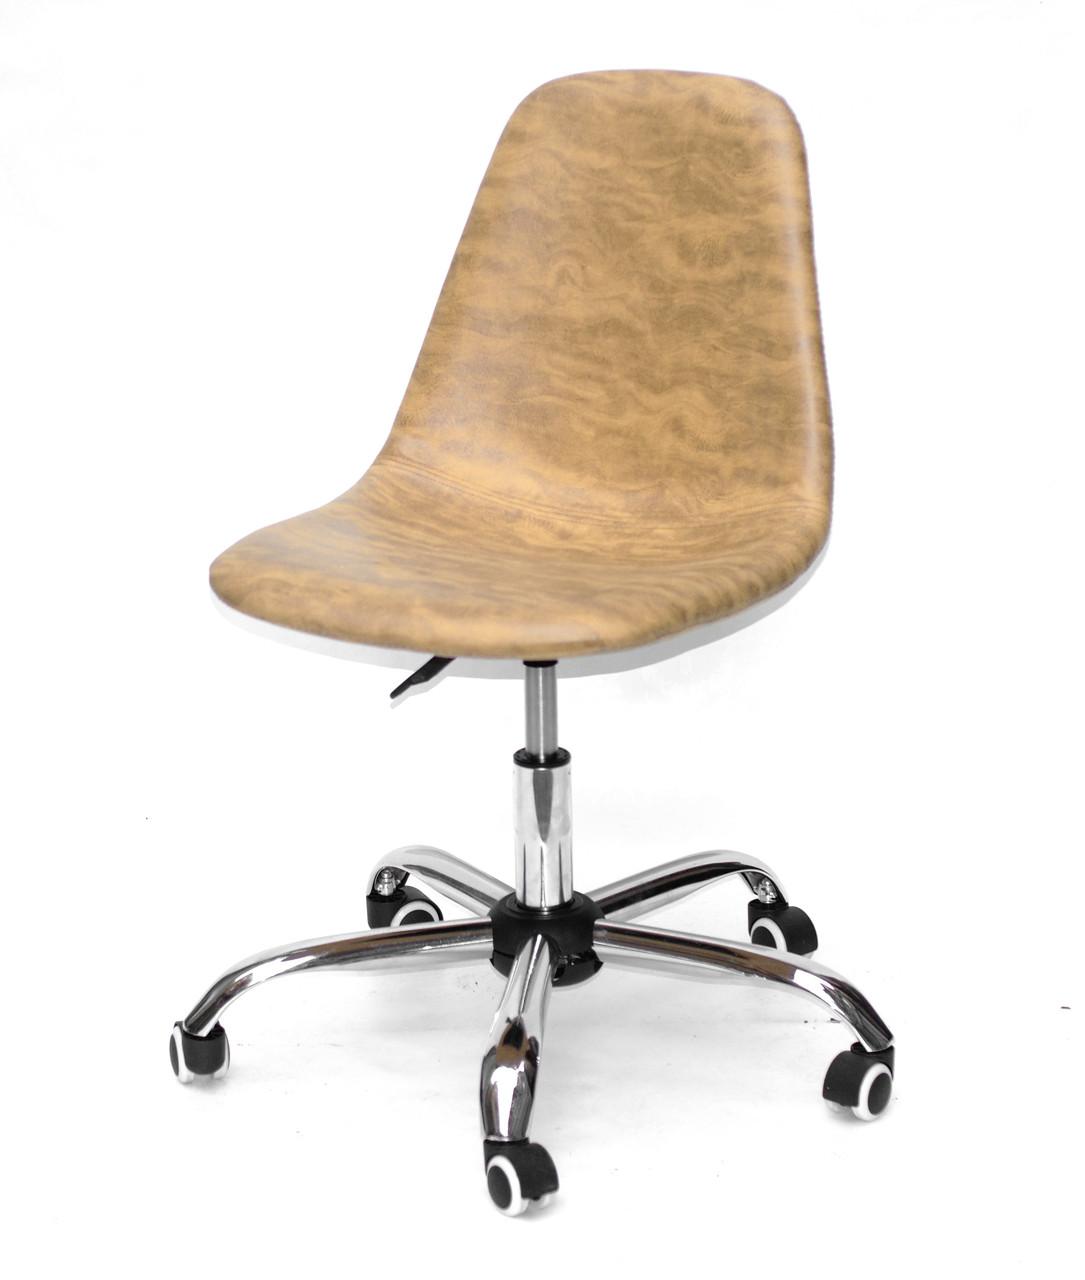 Крісло майстра Larі, жовте